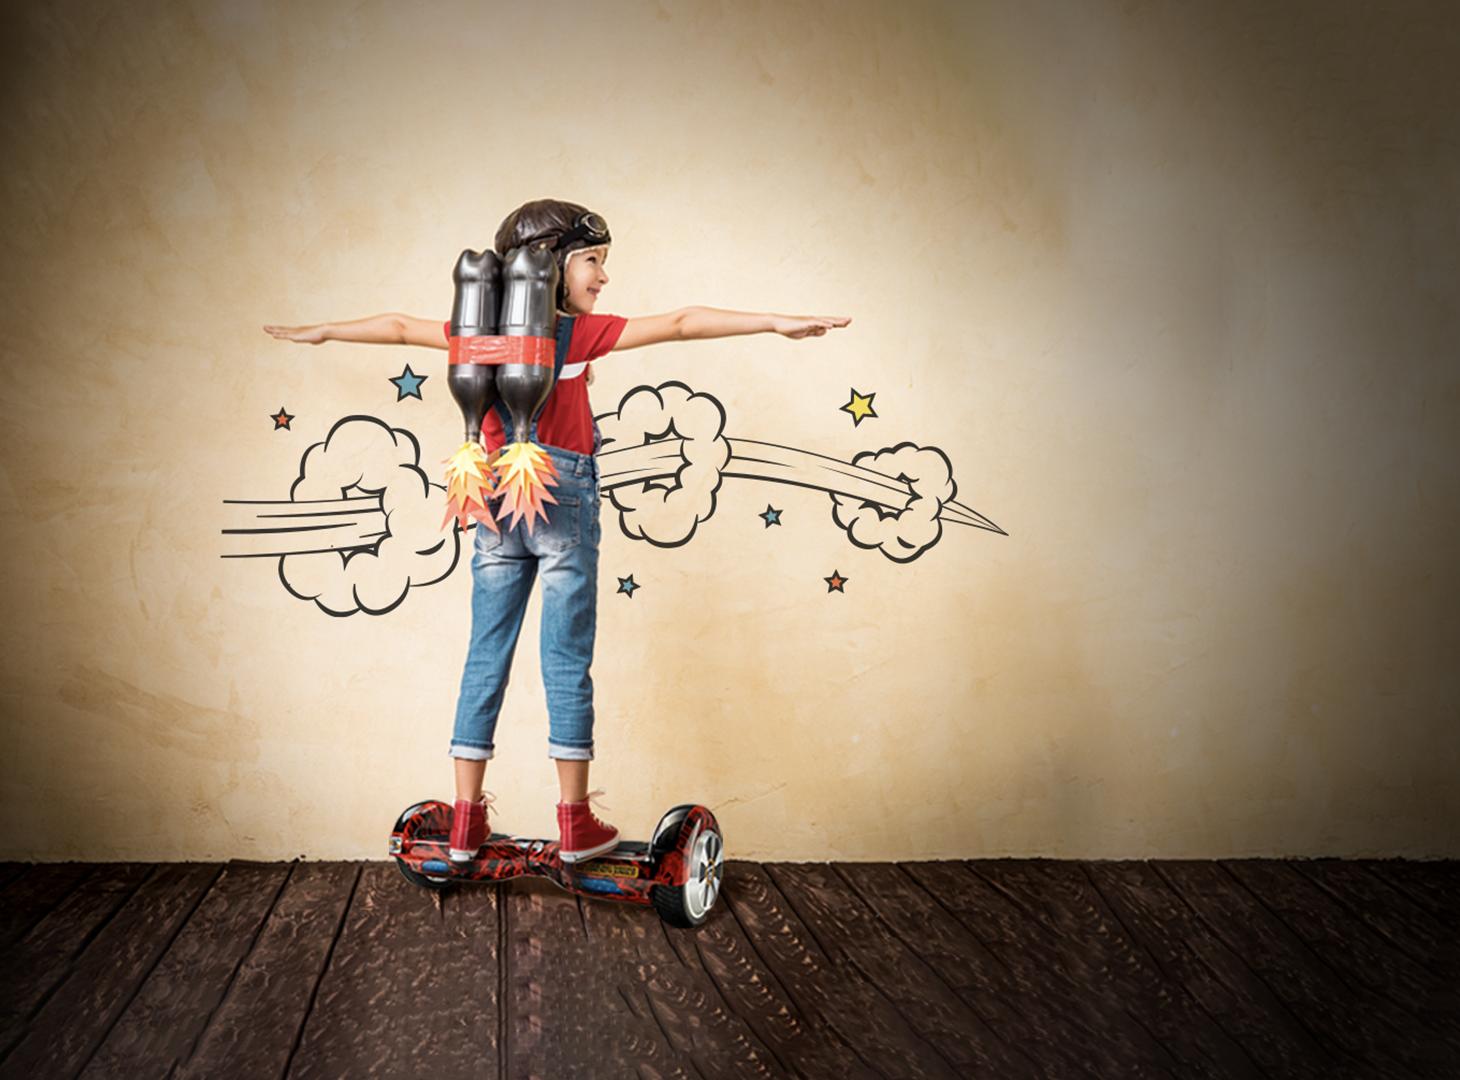 3 povesti inspirationale despre hoverboard